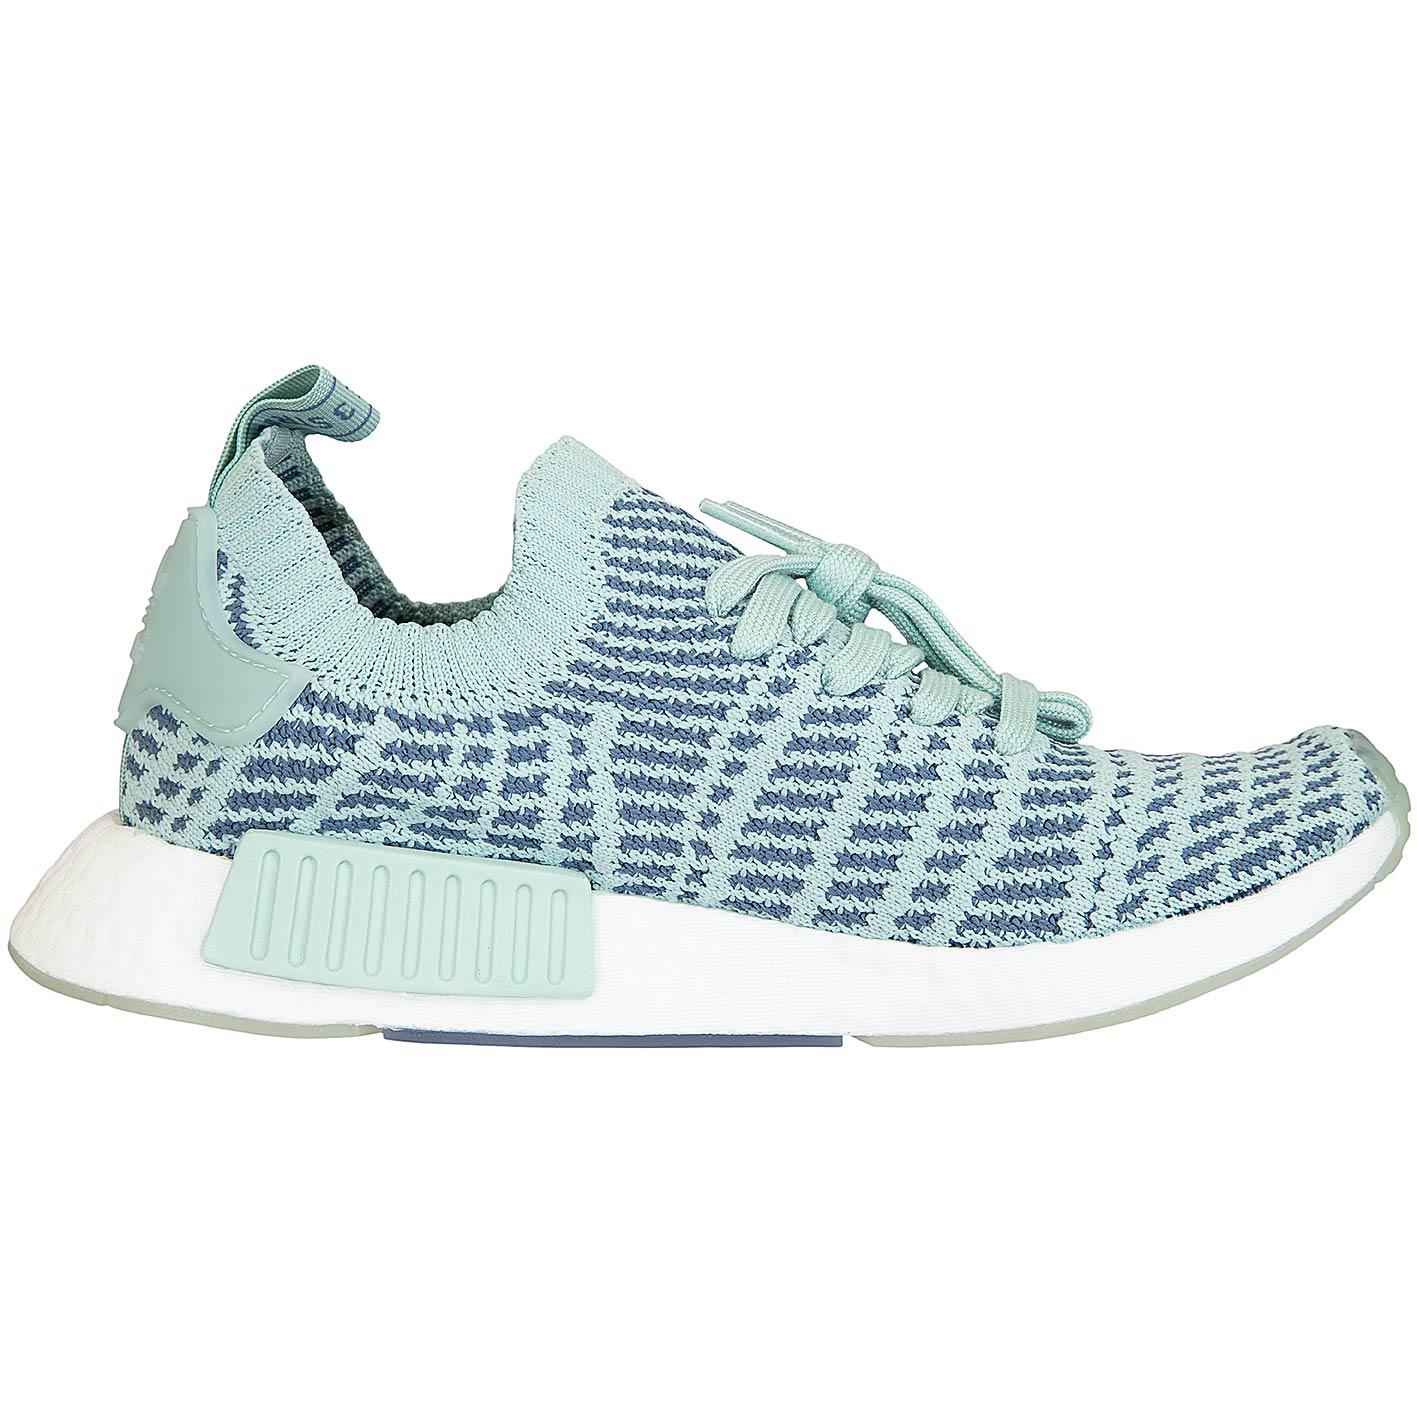 adidas damen grün sneaker nmd